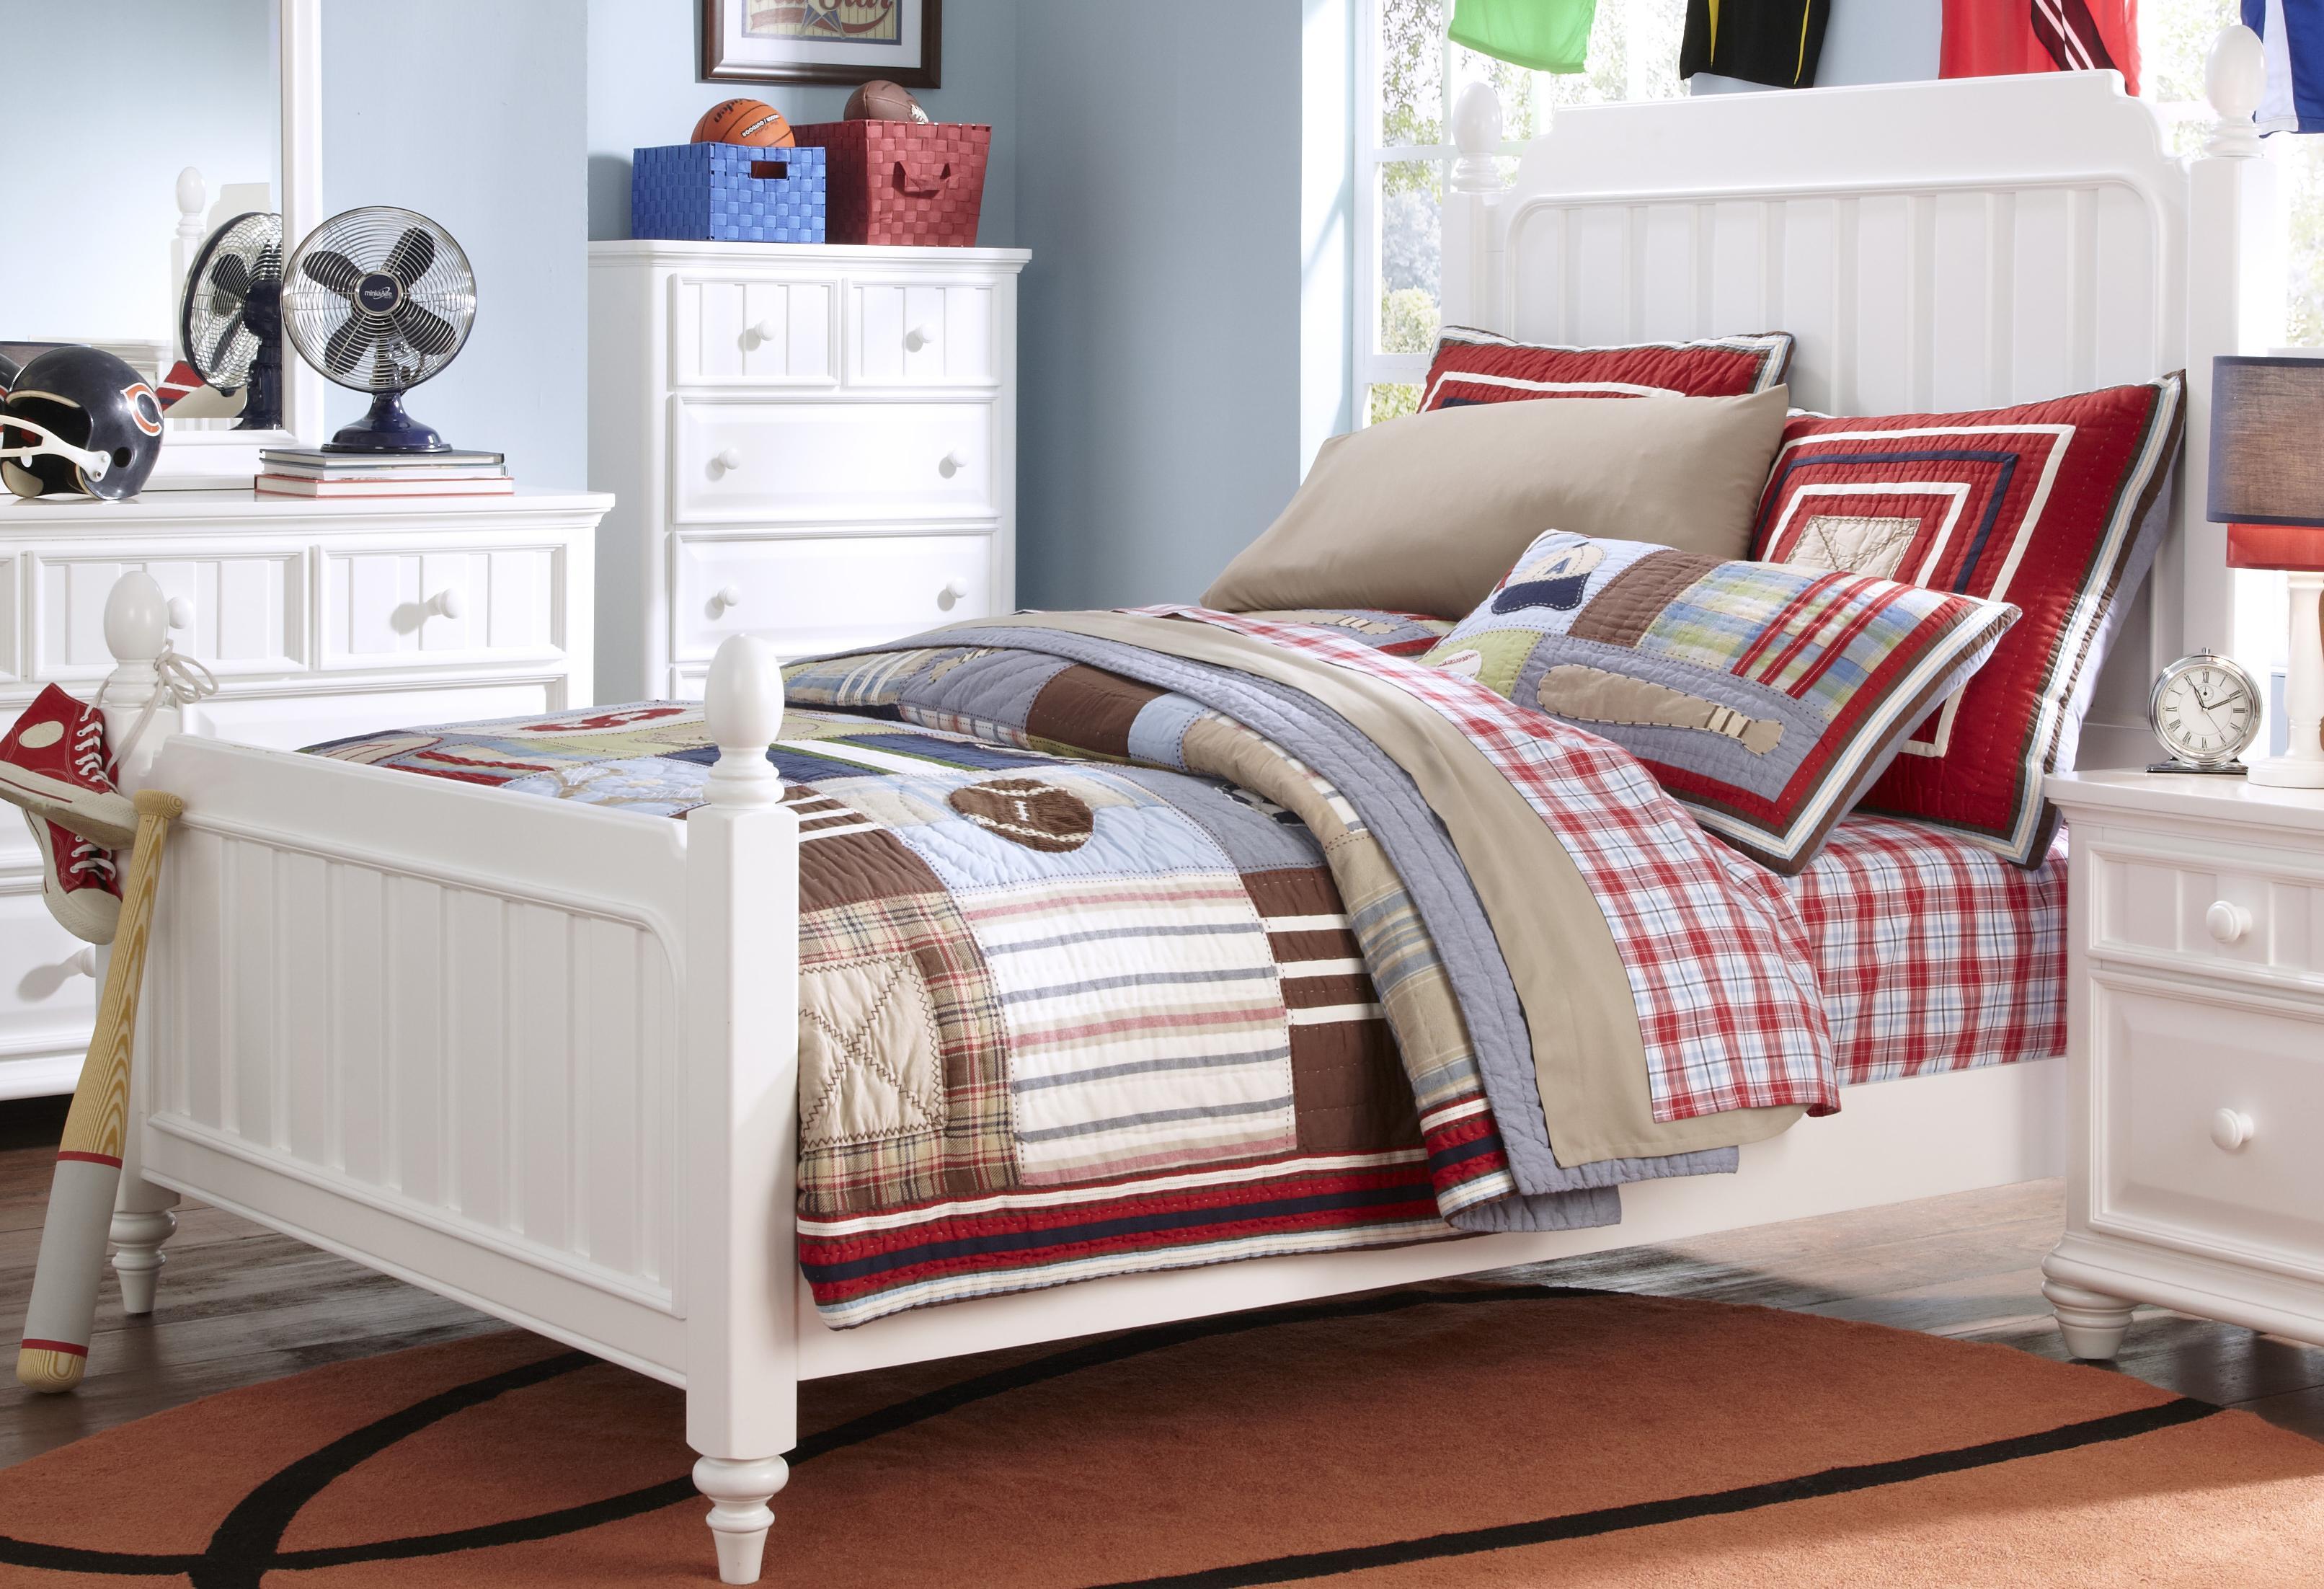 Morris Home Furnishings Shelbourne Shelbourne Twin Poster Bed - Item Number: 8466-401+630+631+643+SLATR-33